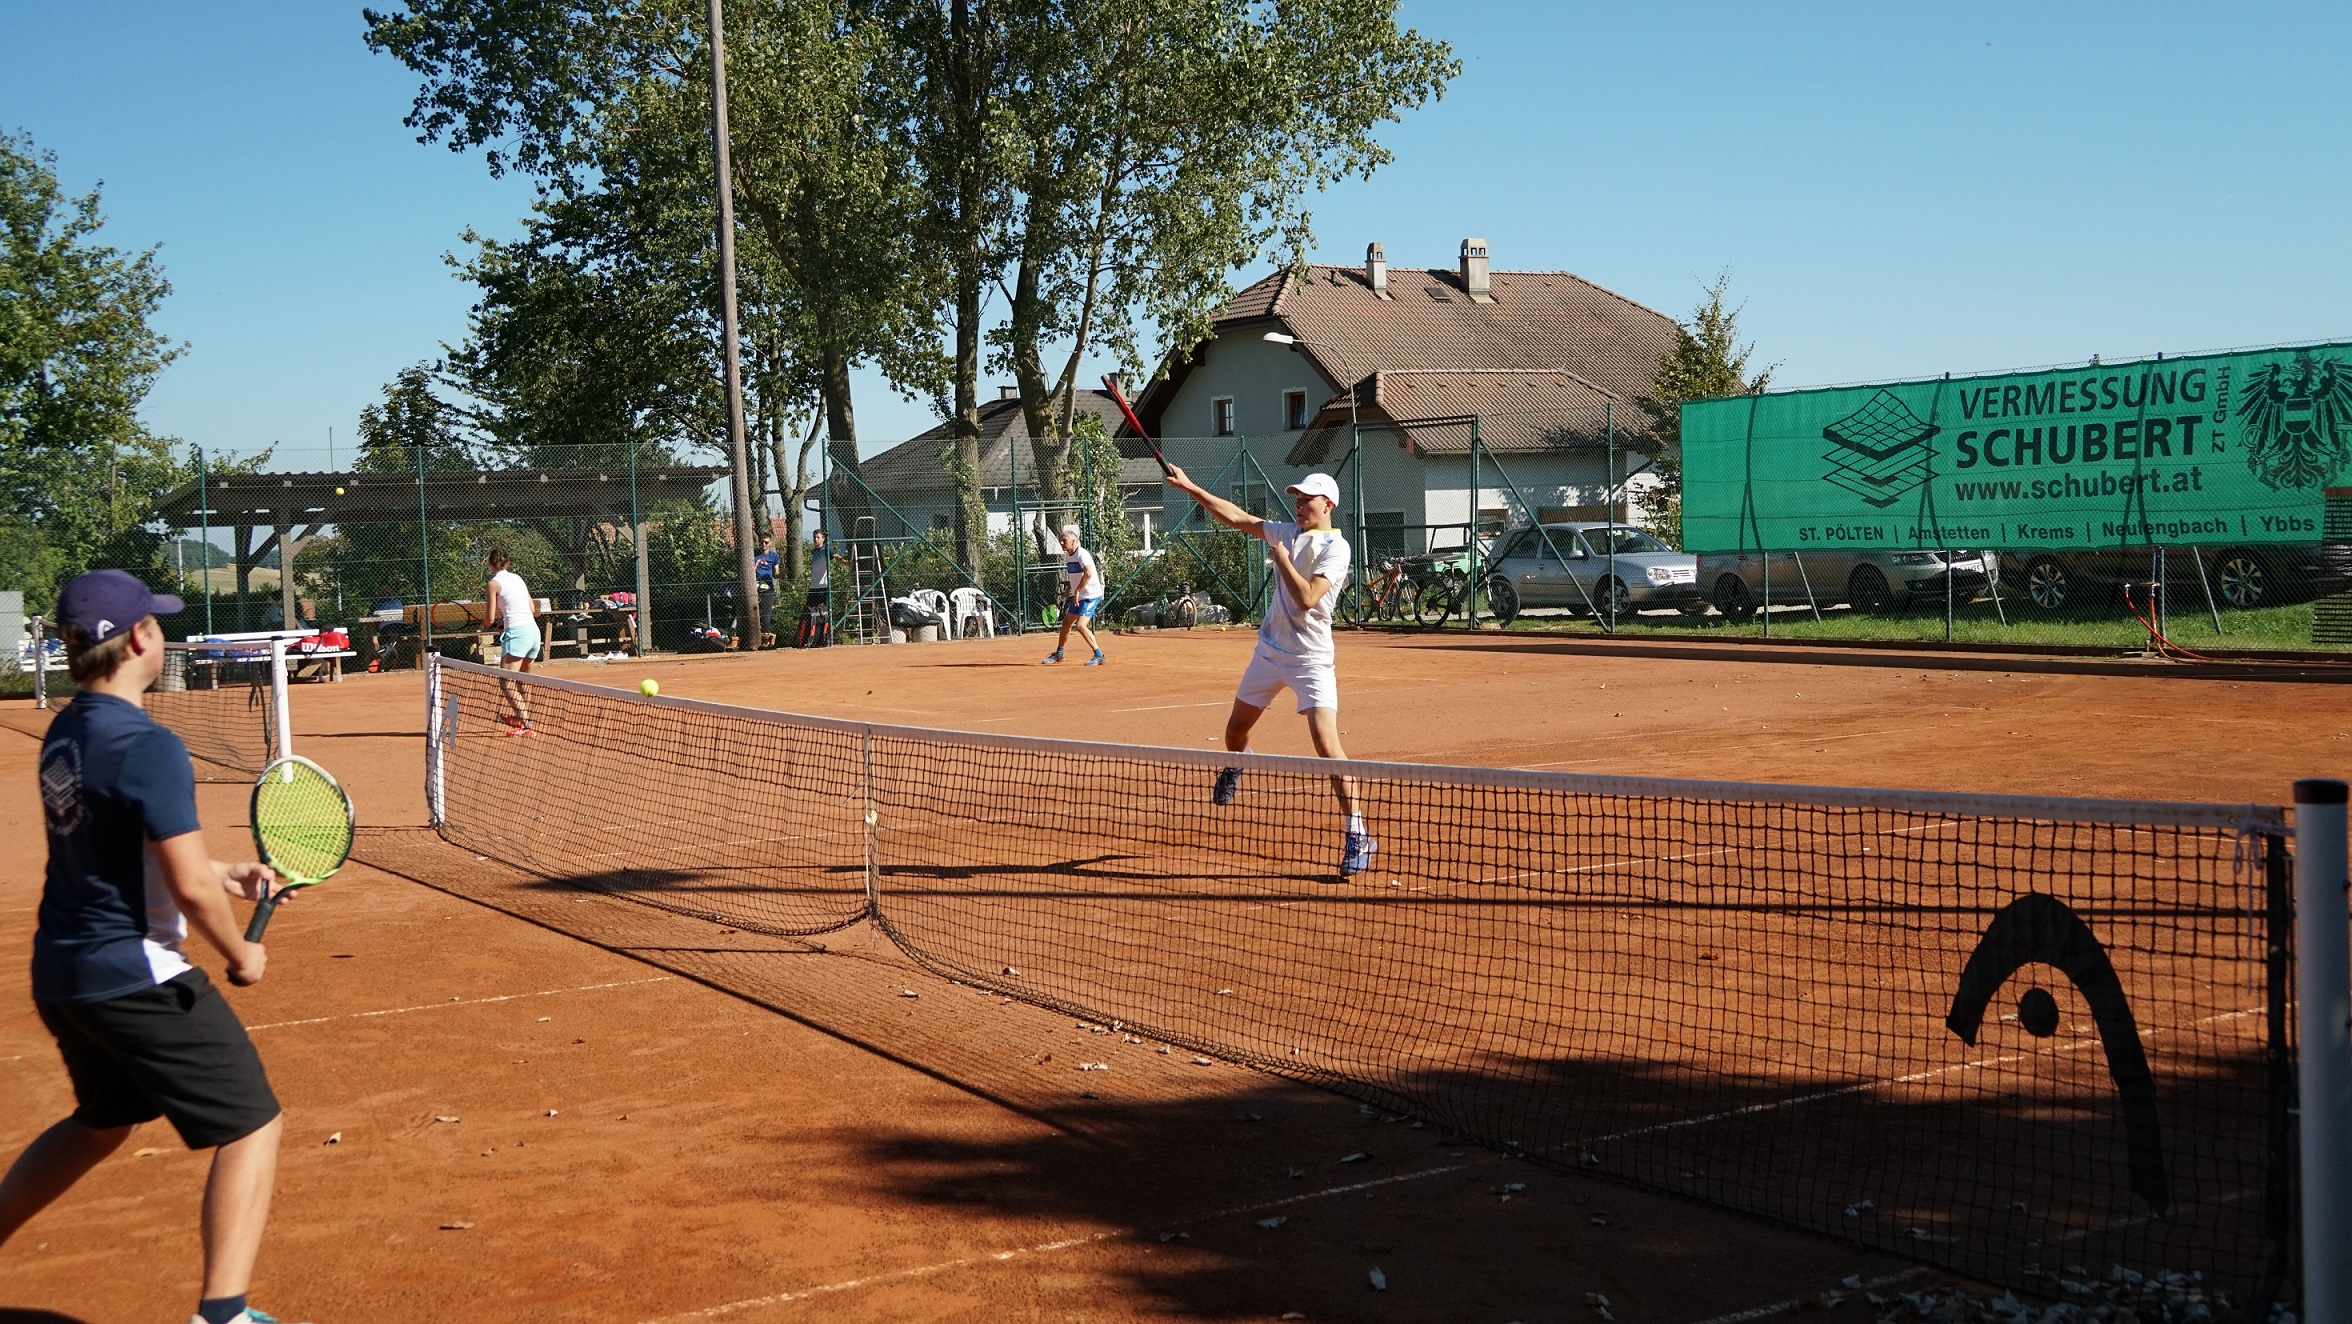 Interne Doppelmeisterschaften bei Kaiserwetter tennis doppel karlstetten 2021 1